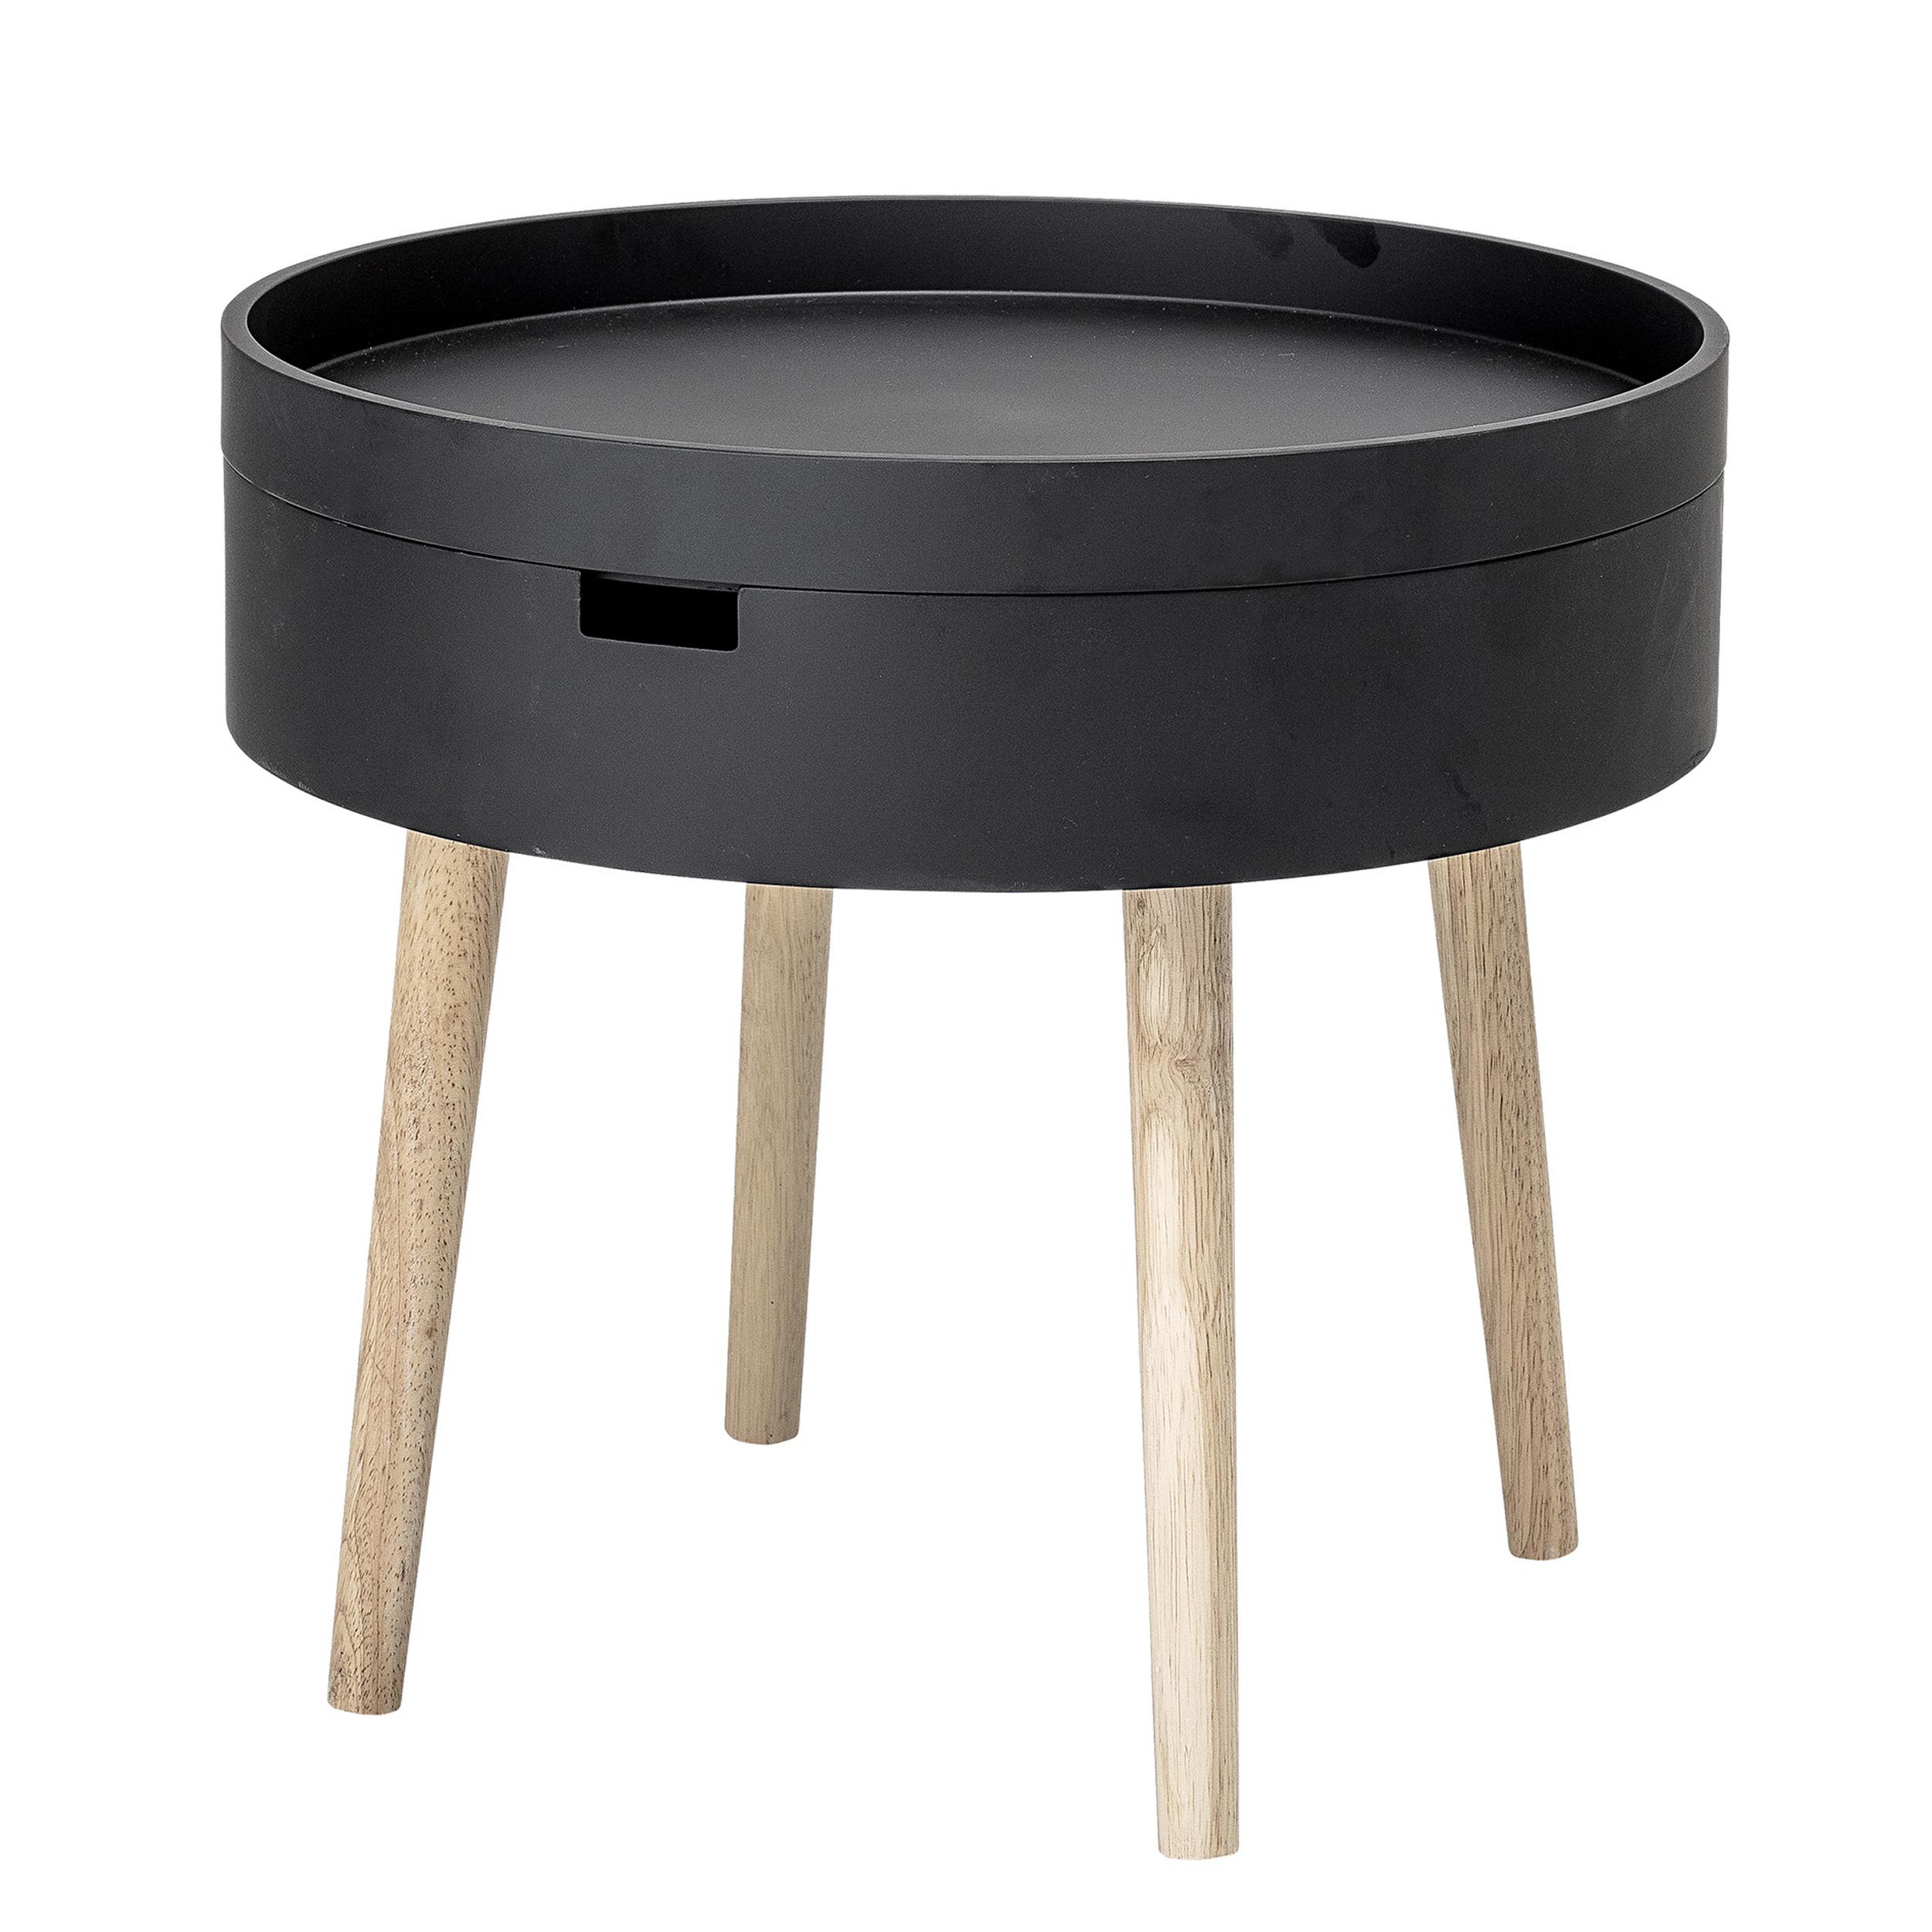 Tisch Rund 50 Cm.Bloomingville Beistelltisch Schwarz Mit Stauraum 50 Cm Tisch Rund Coffee Table